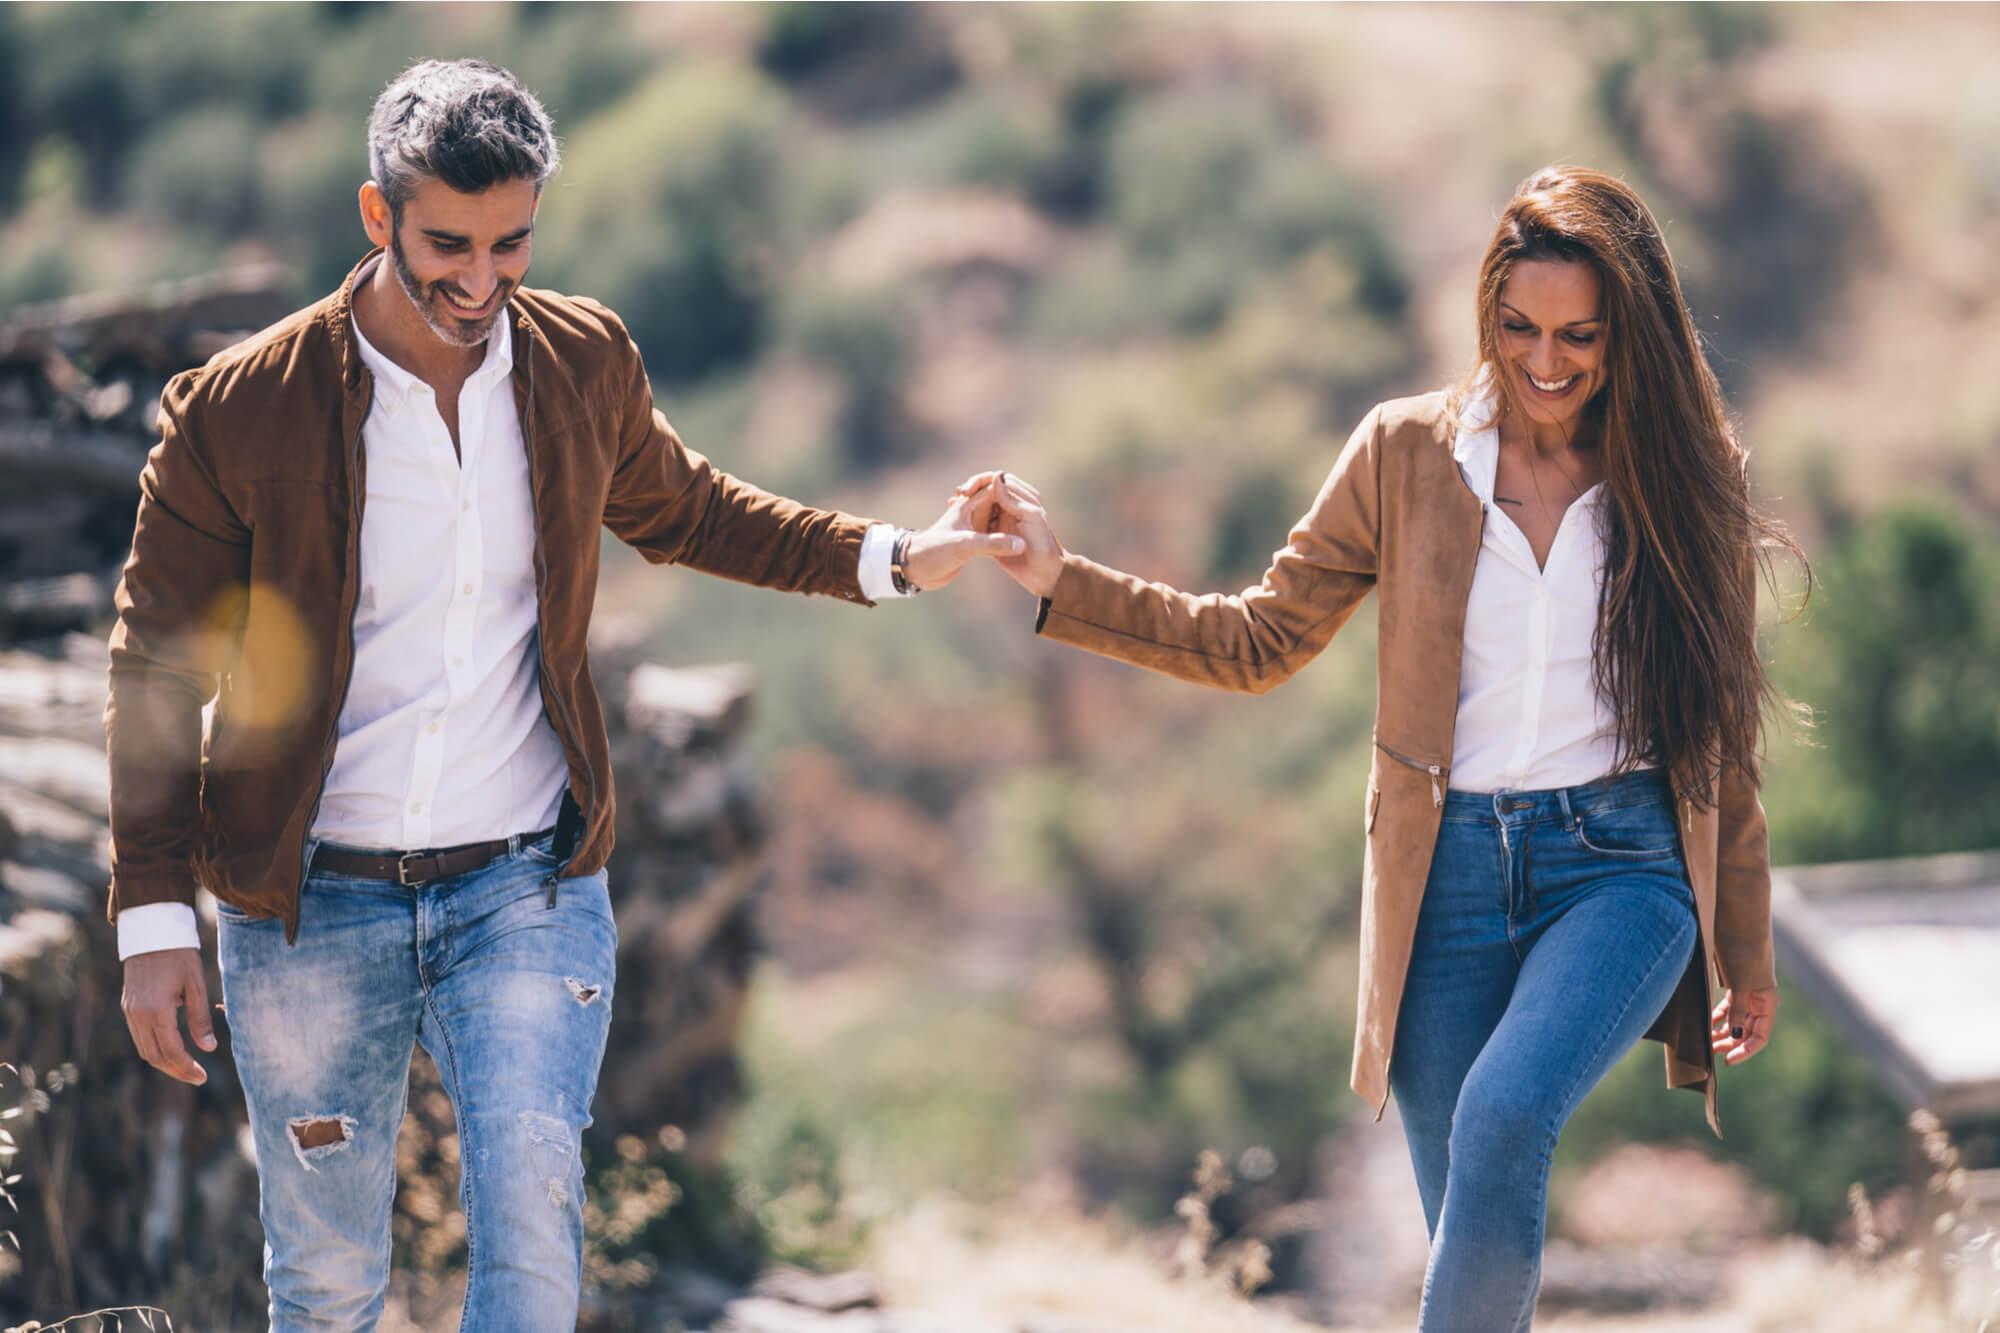 魅力的なファッションで仲良く散歩するカップル